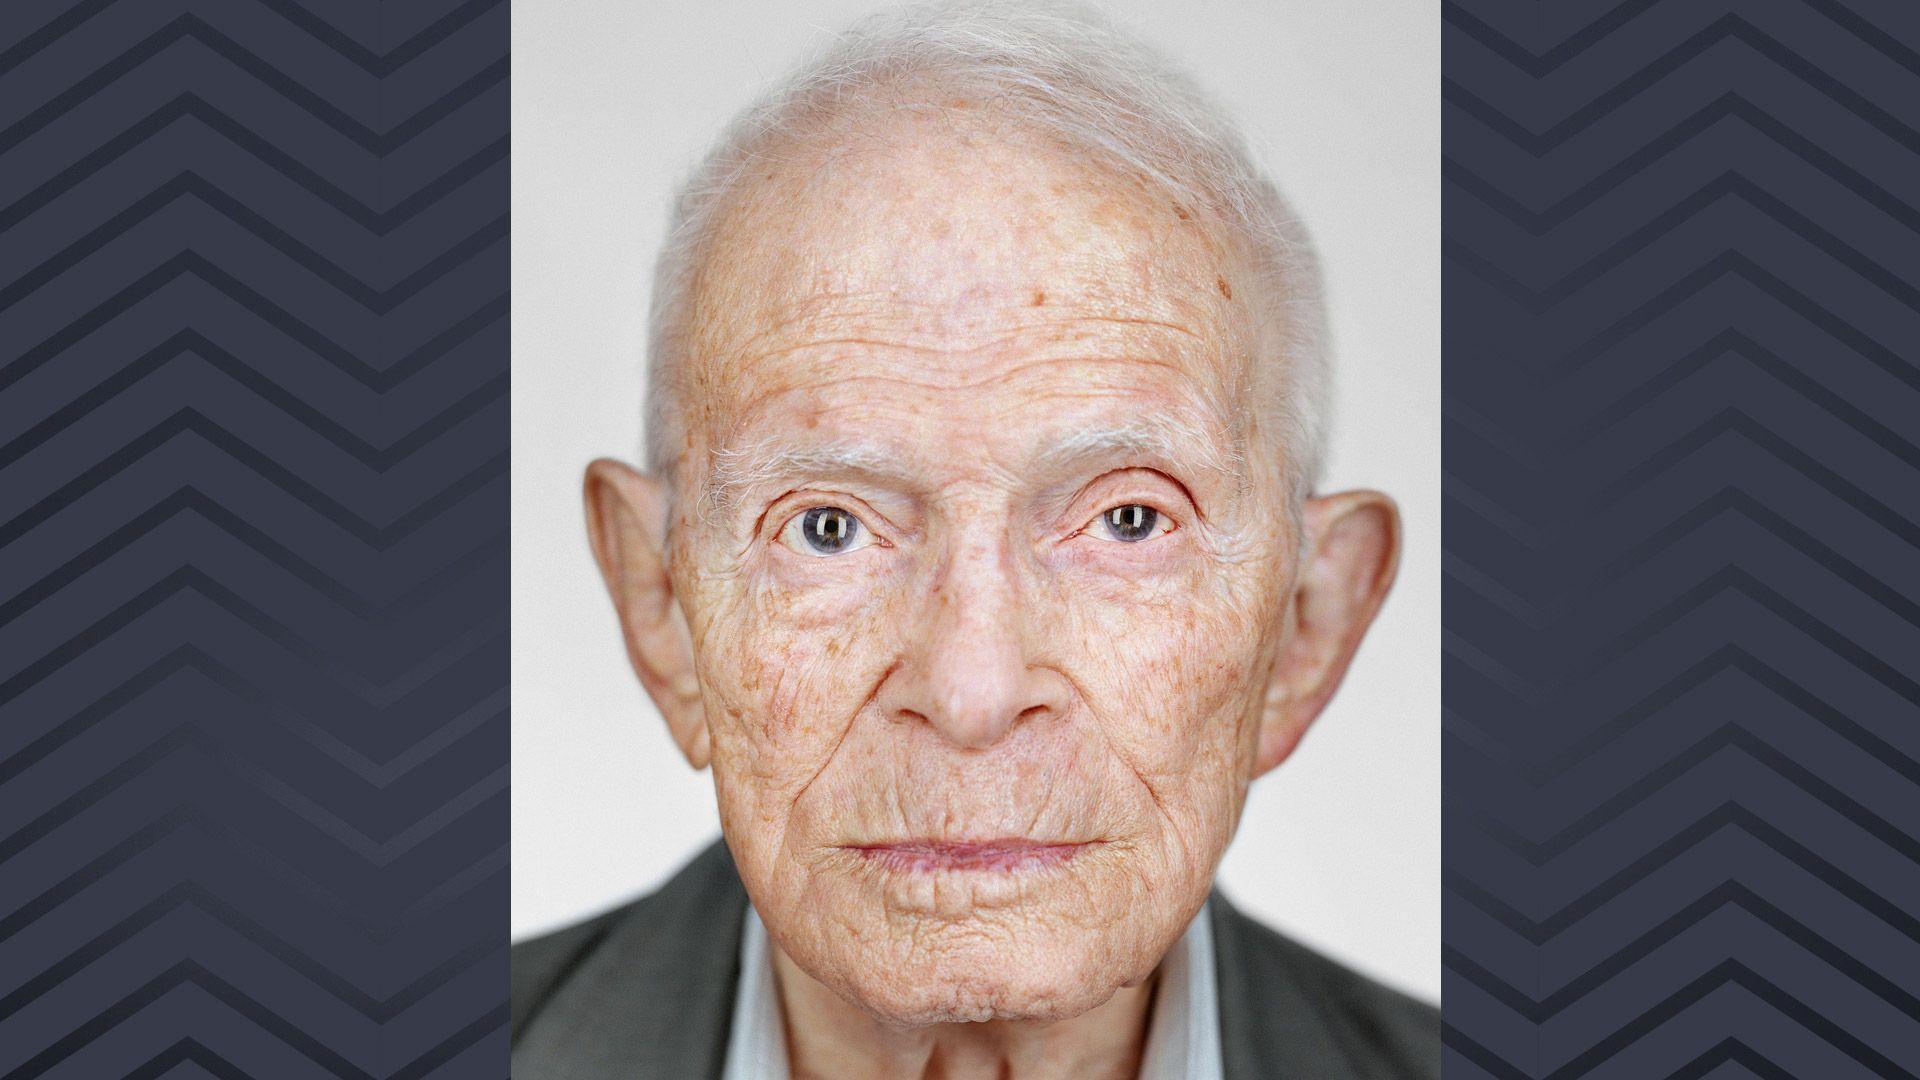 Porträtaufnahme des Holocaust-Überlebenden Moshe Ha-Elion